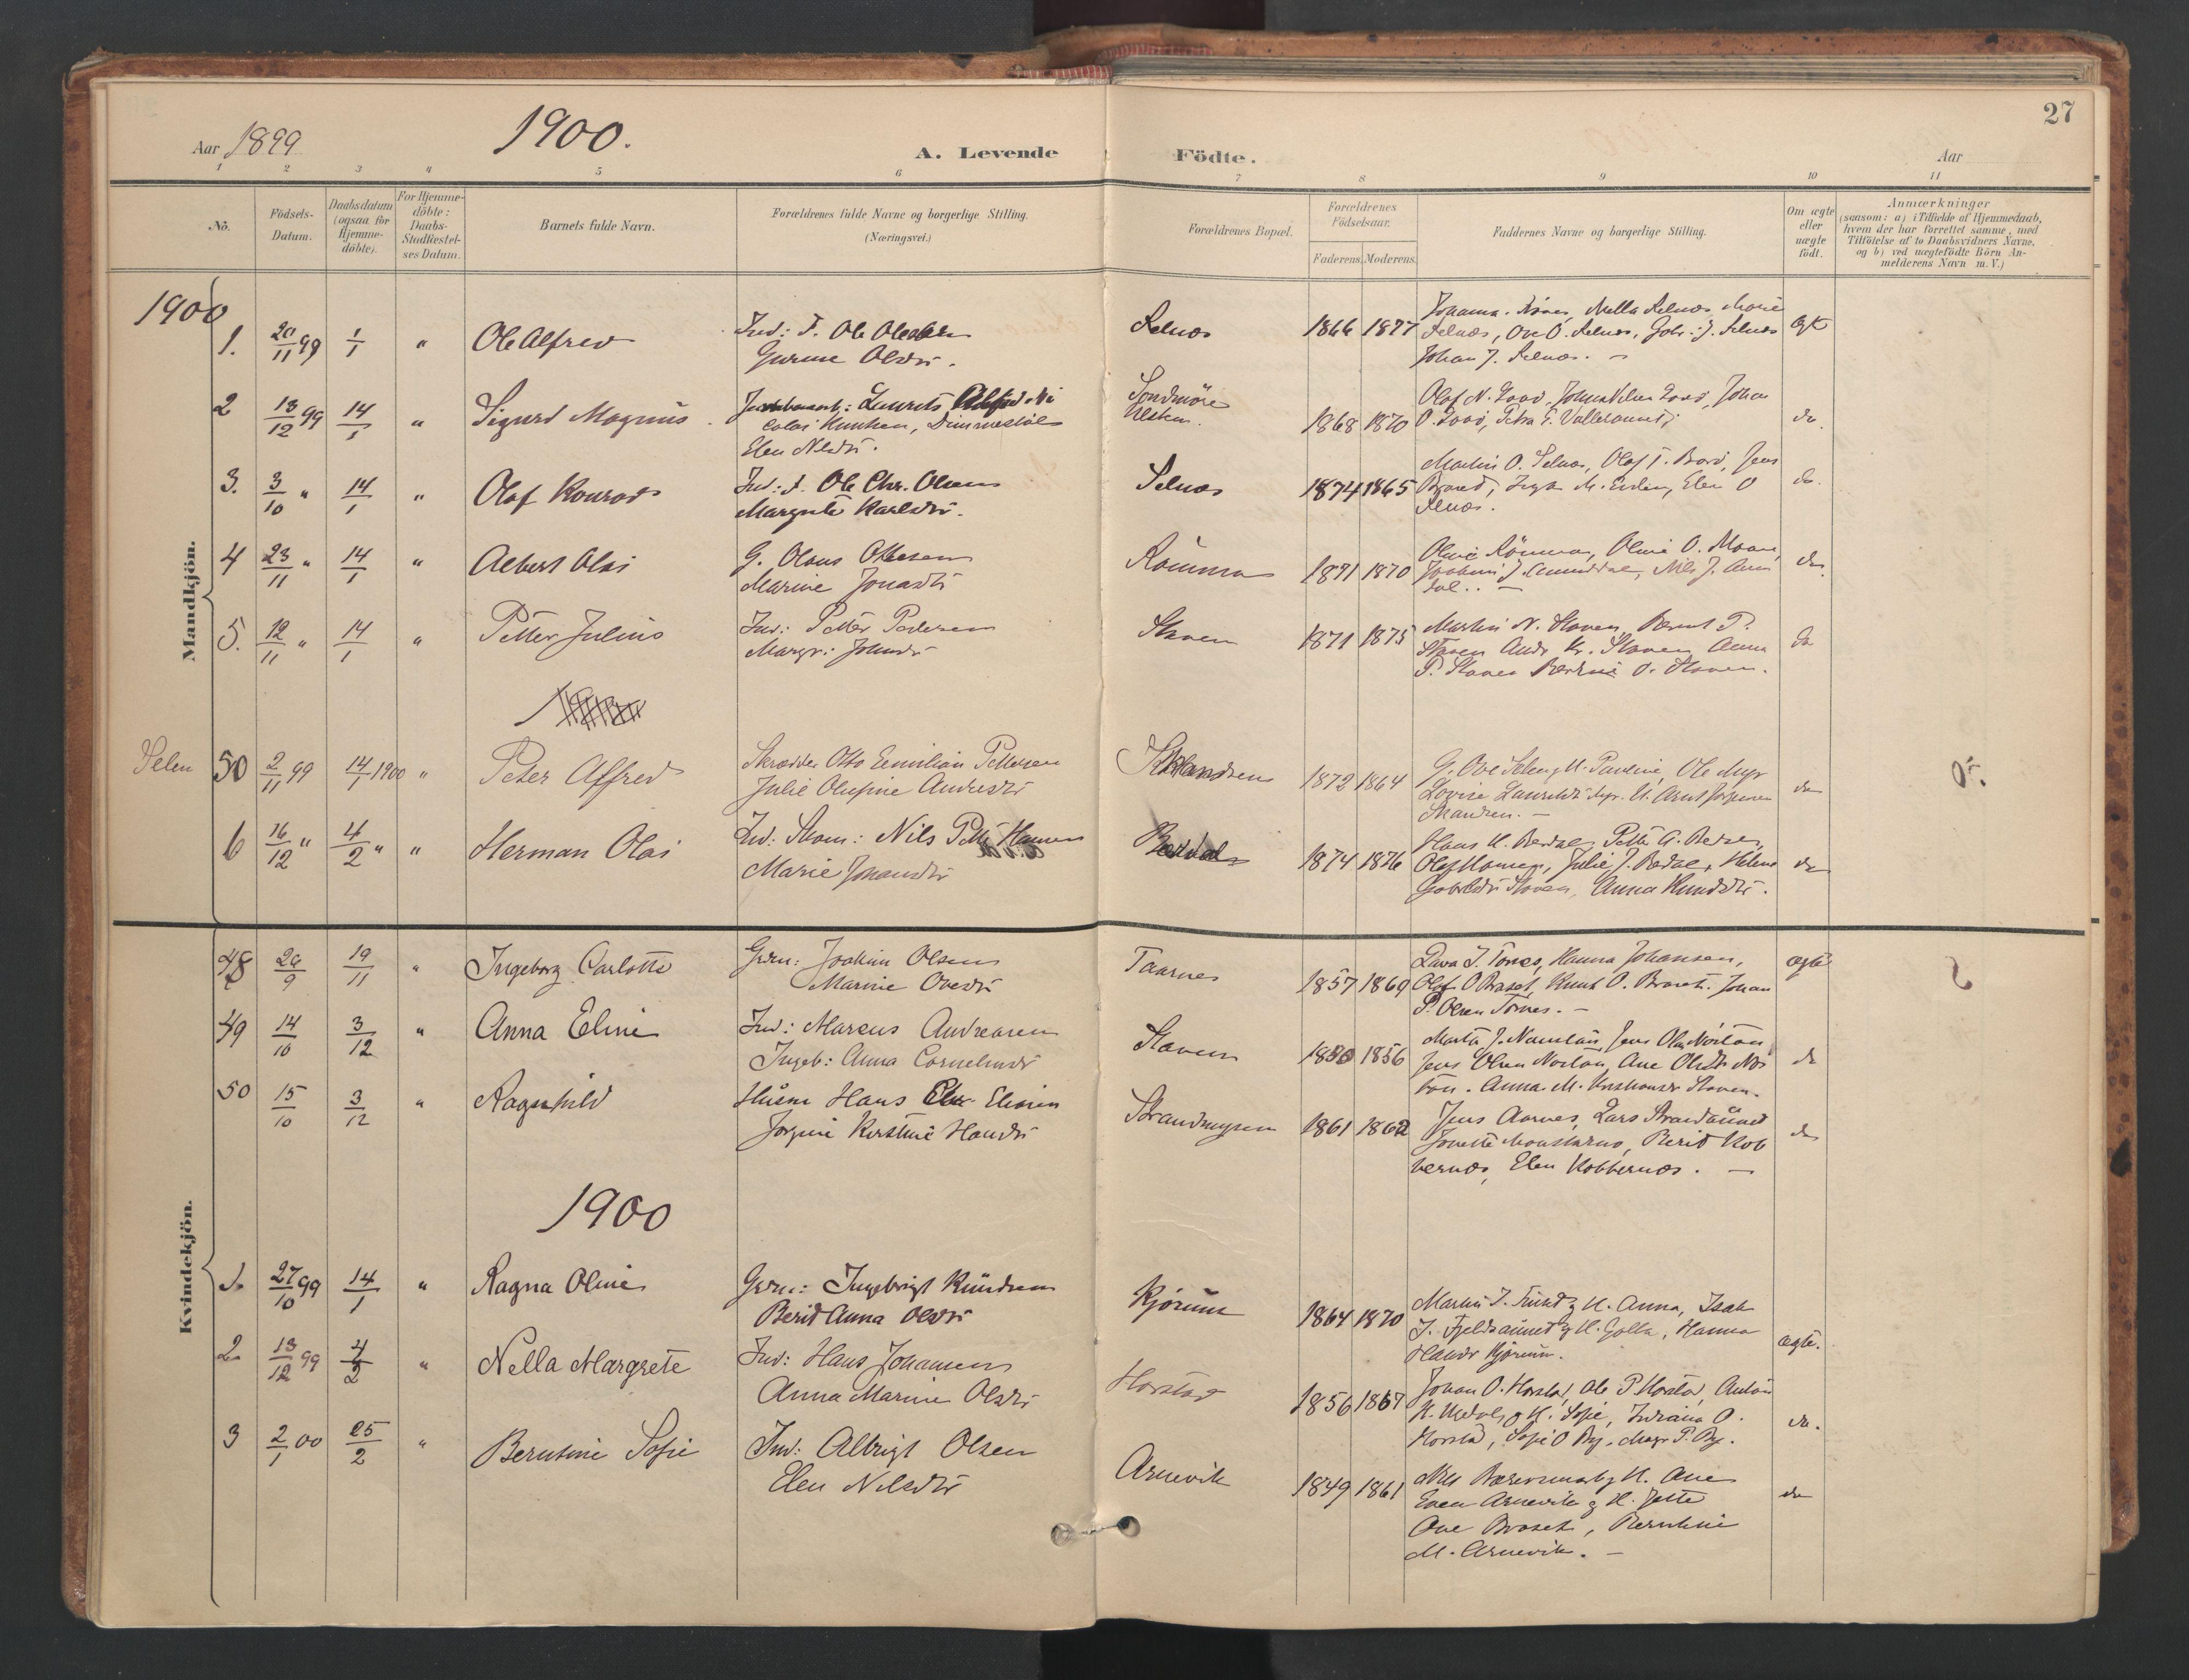 SAT, Ministerialprotokoller, klokkerbøker og fødselsregistre - Sør-Trøndelag, 655/L0681: Ministerialbok nr. 655A10, 1895-1907, s. 27